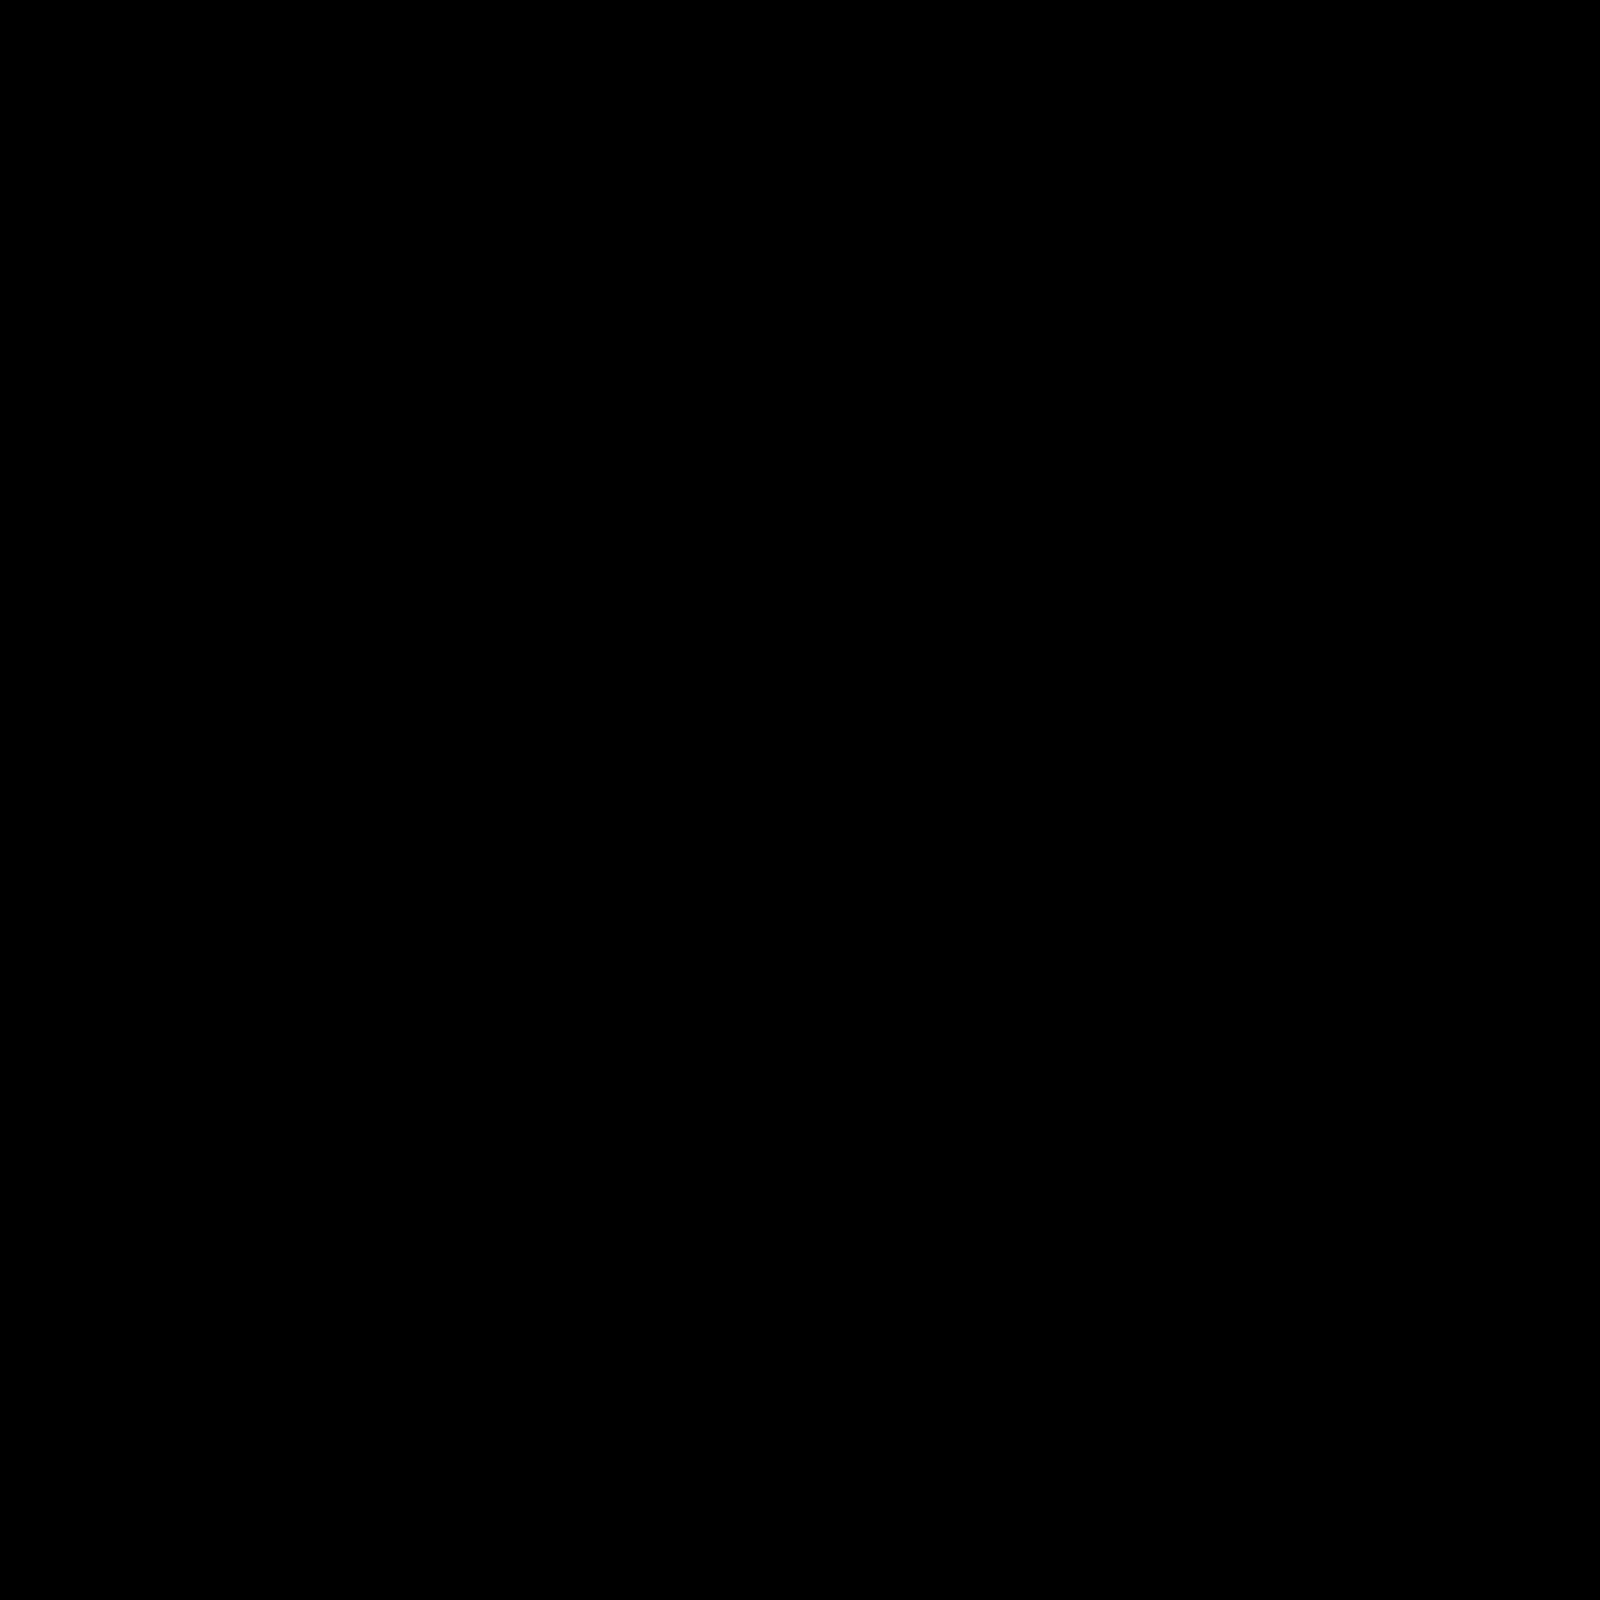 White Cup SVG Clip arts